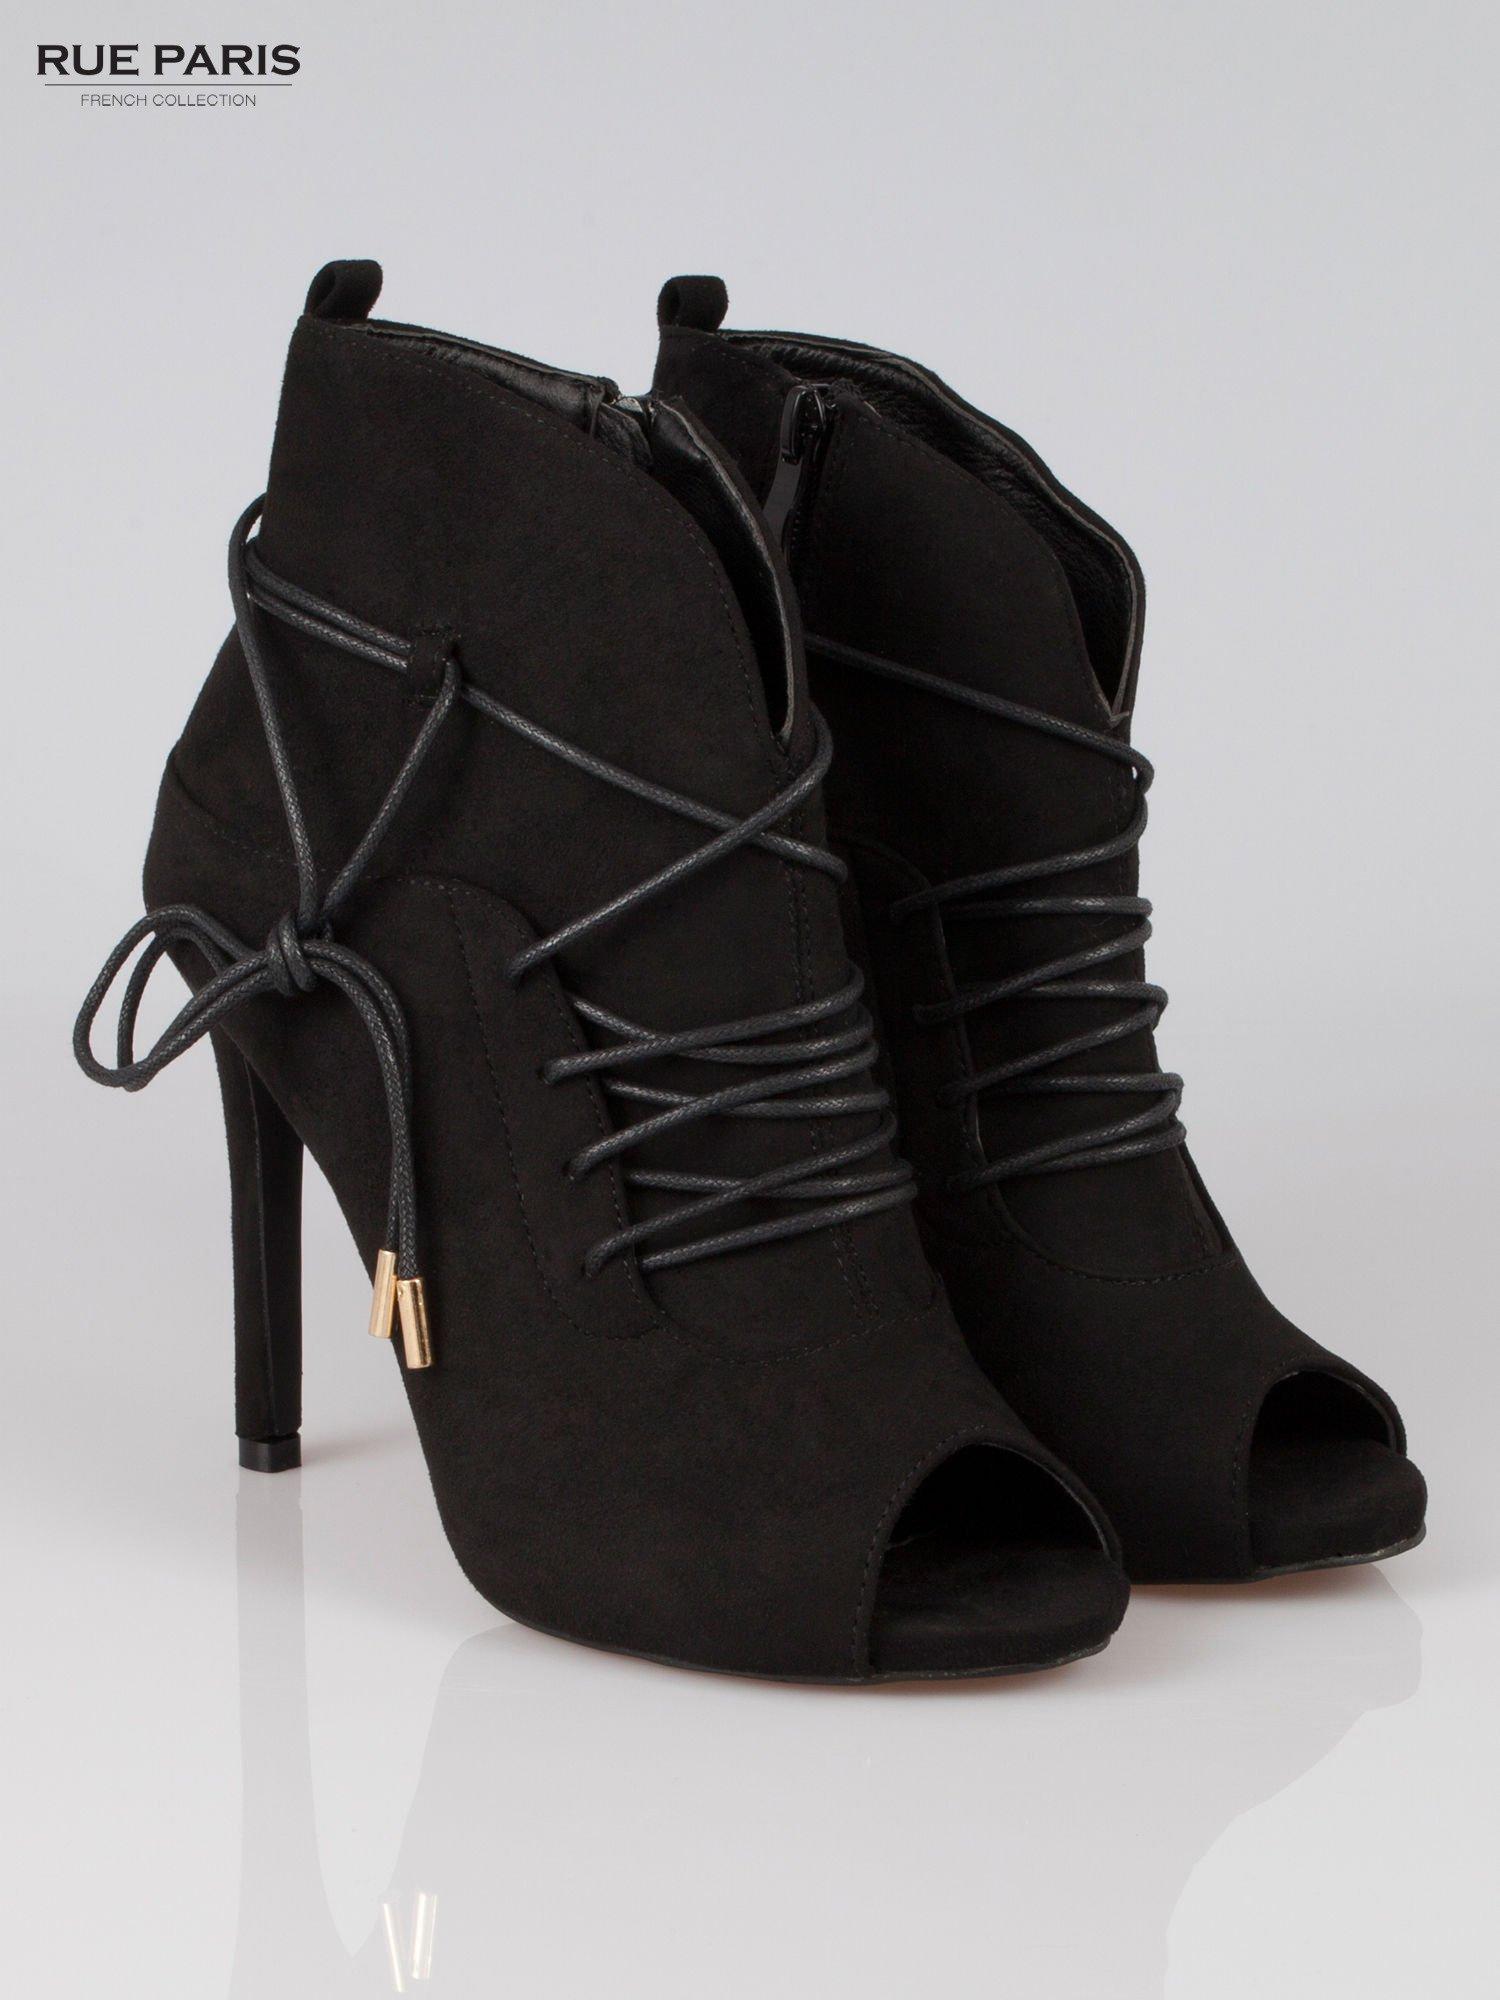 Czarne wiązane botki faux suede Elsa lace up                                  zdj.                                  2